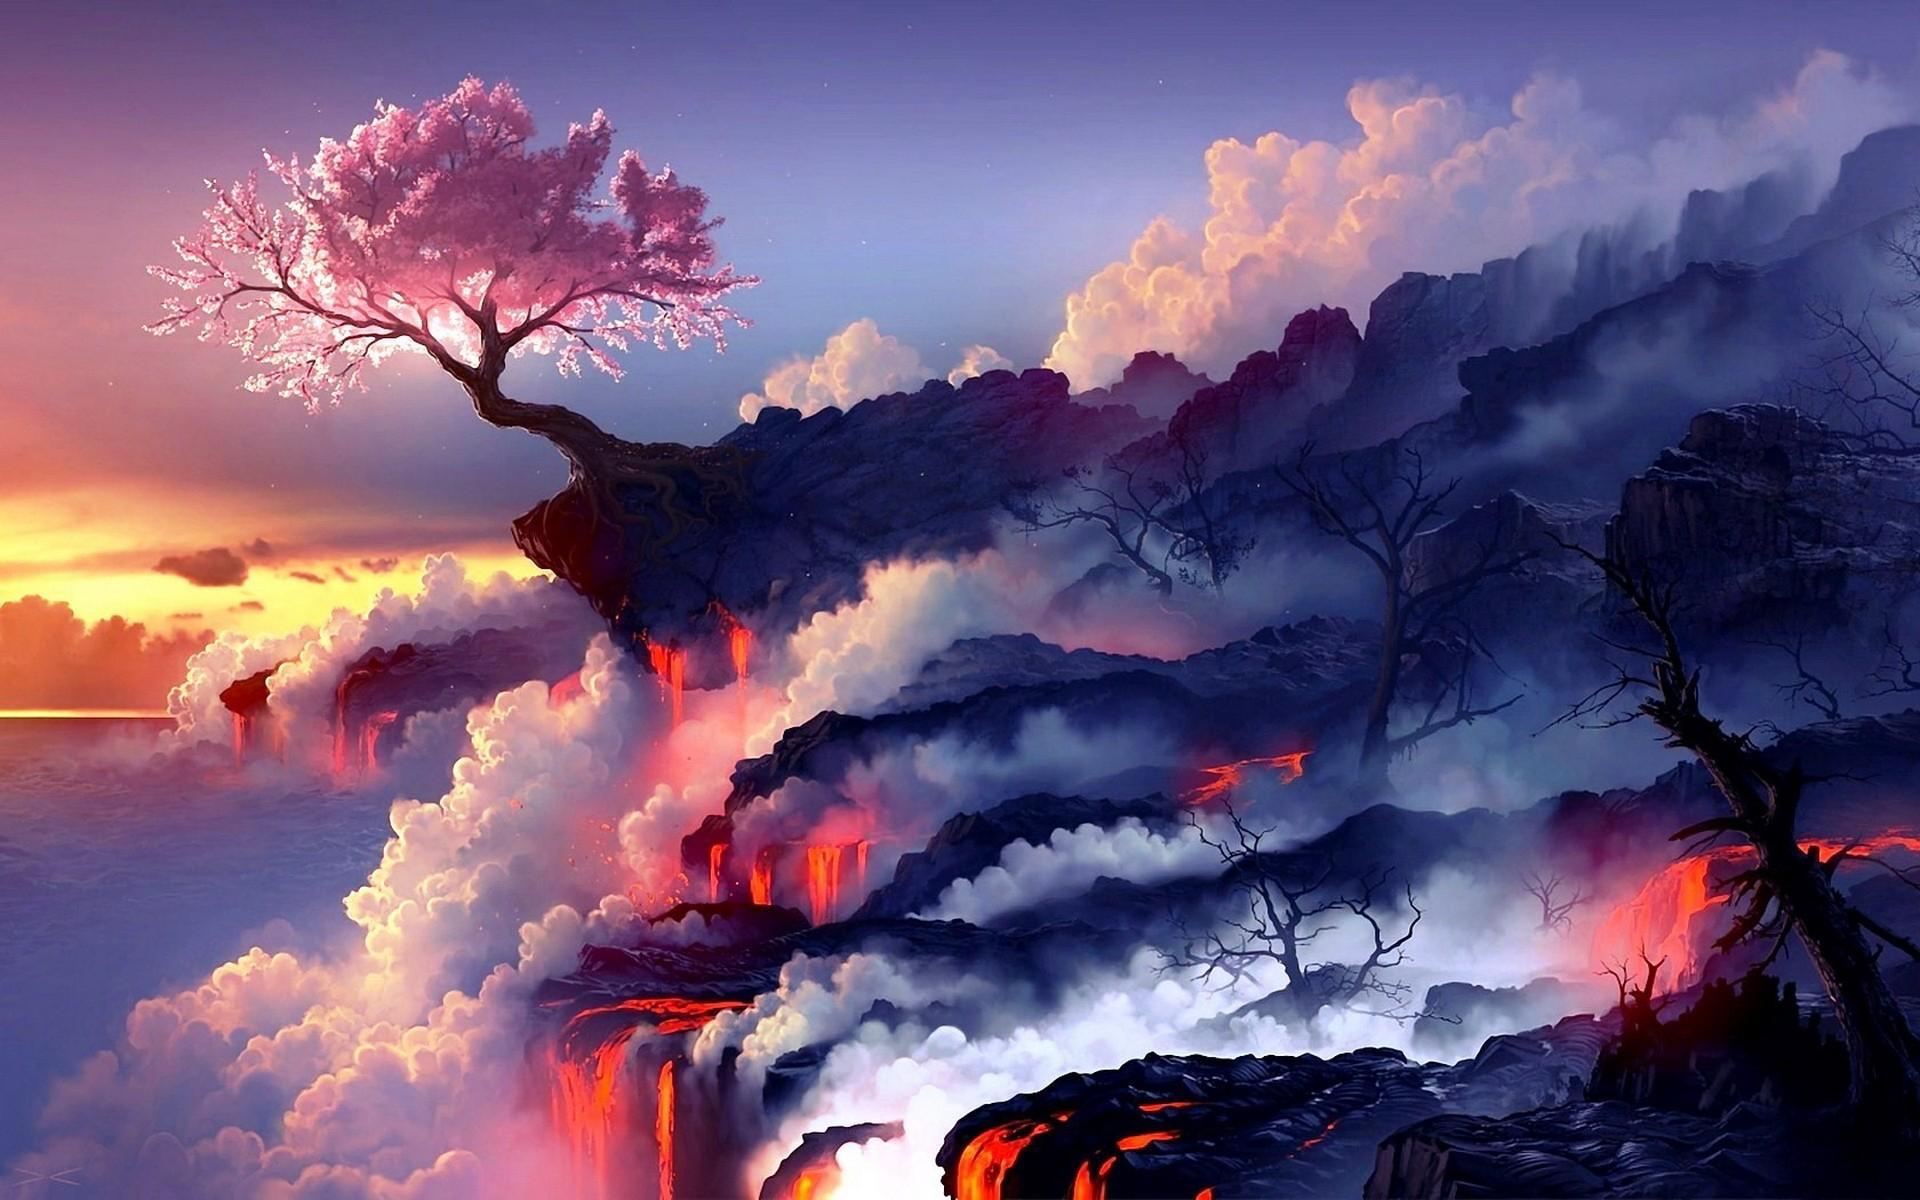 Потоки лавы лава дерево вулкан